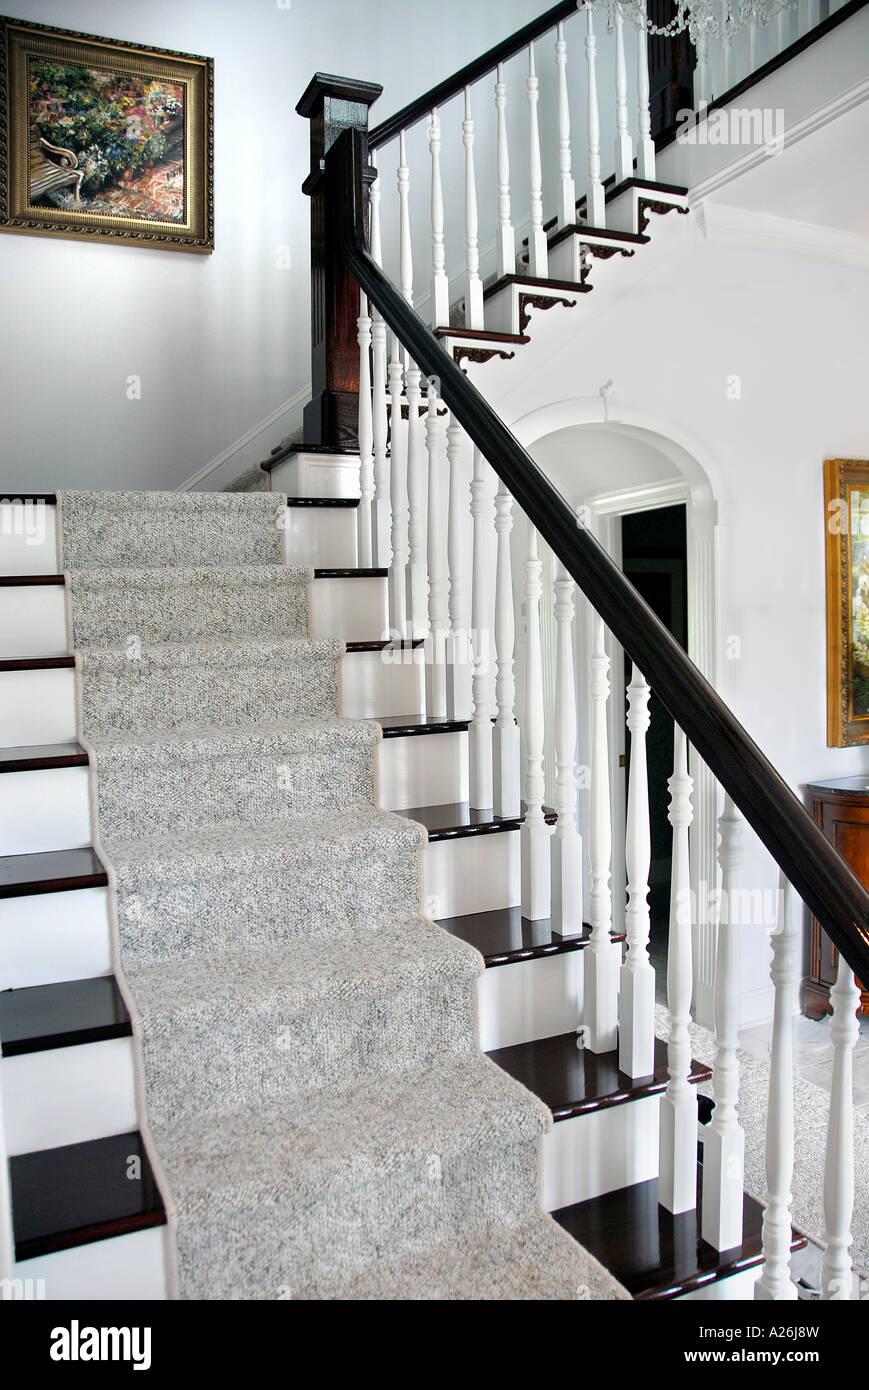 treppen teppich lufer treppe mit gelnder und stockbilder with treppen teppich lufer teppich. Black Bedroom Furniture Sets. Home Design Ideas